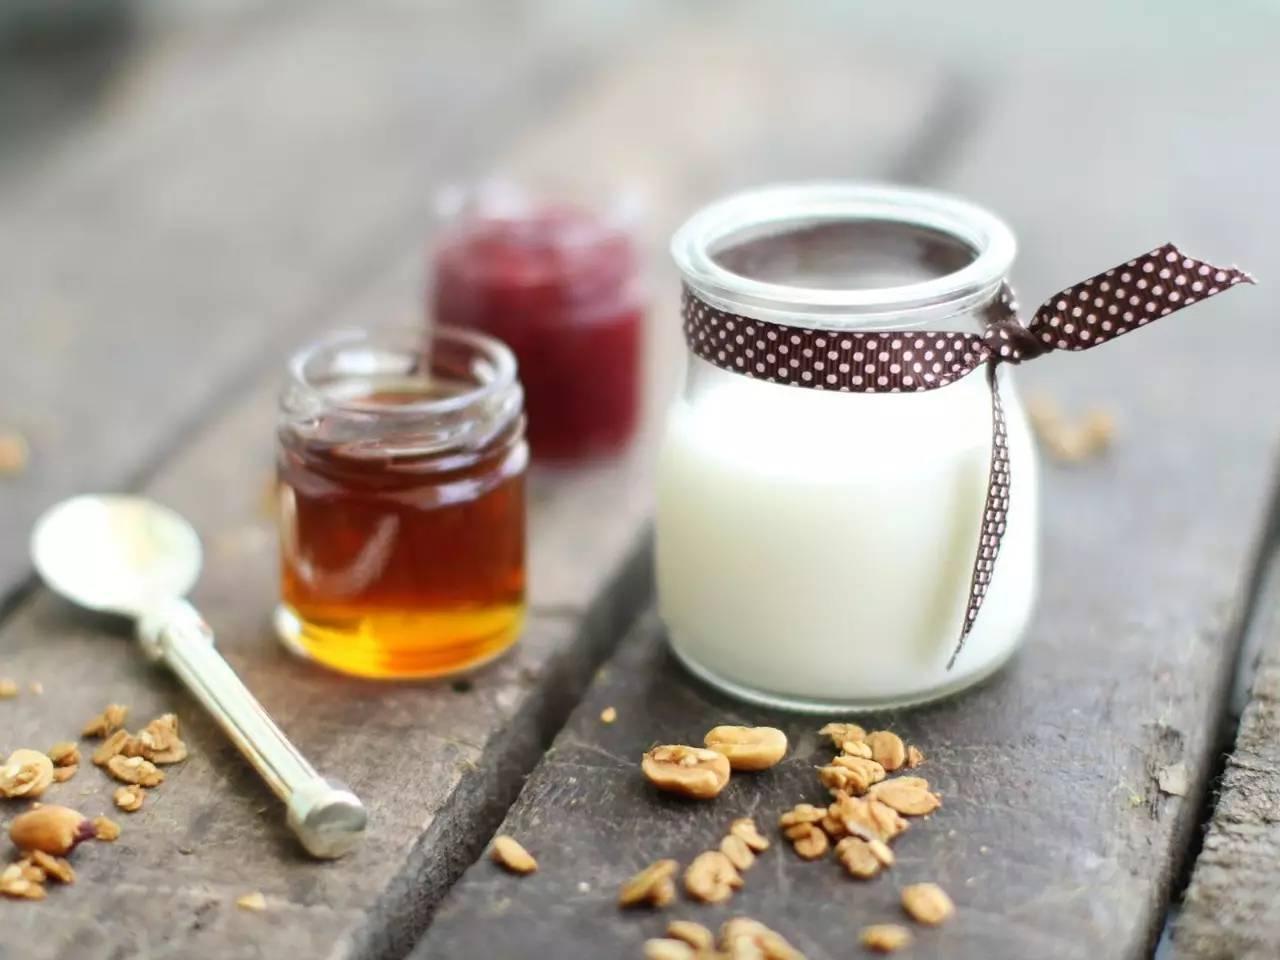 怎样区分真假蜂蜜 蜂蜜与白色樱草 香蕉怎样和蜂蜜吃啊 蜂蜜药用价值 蜂蜜的作文